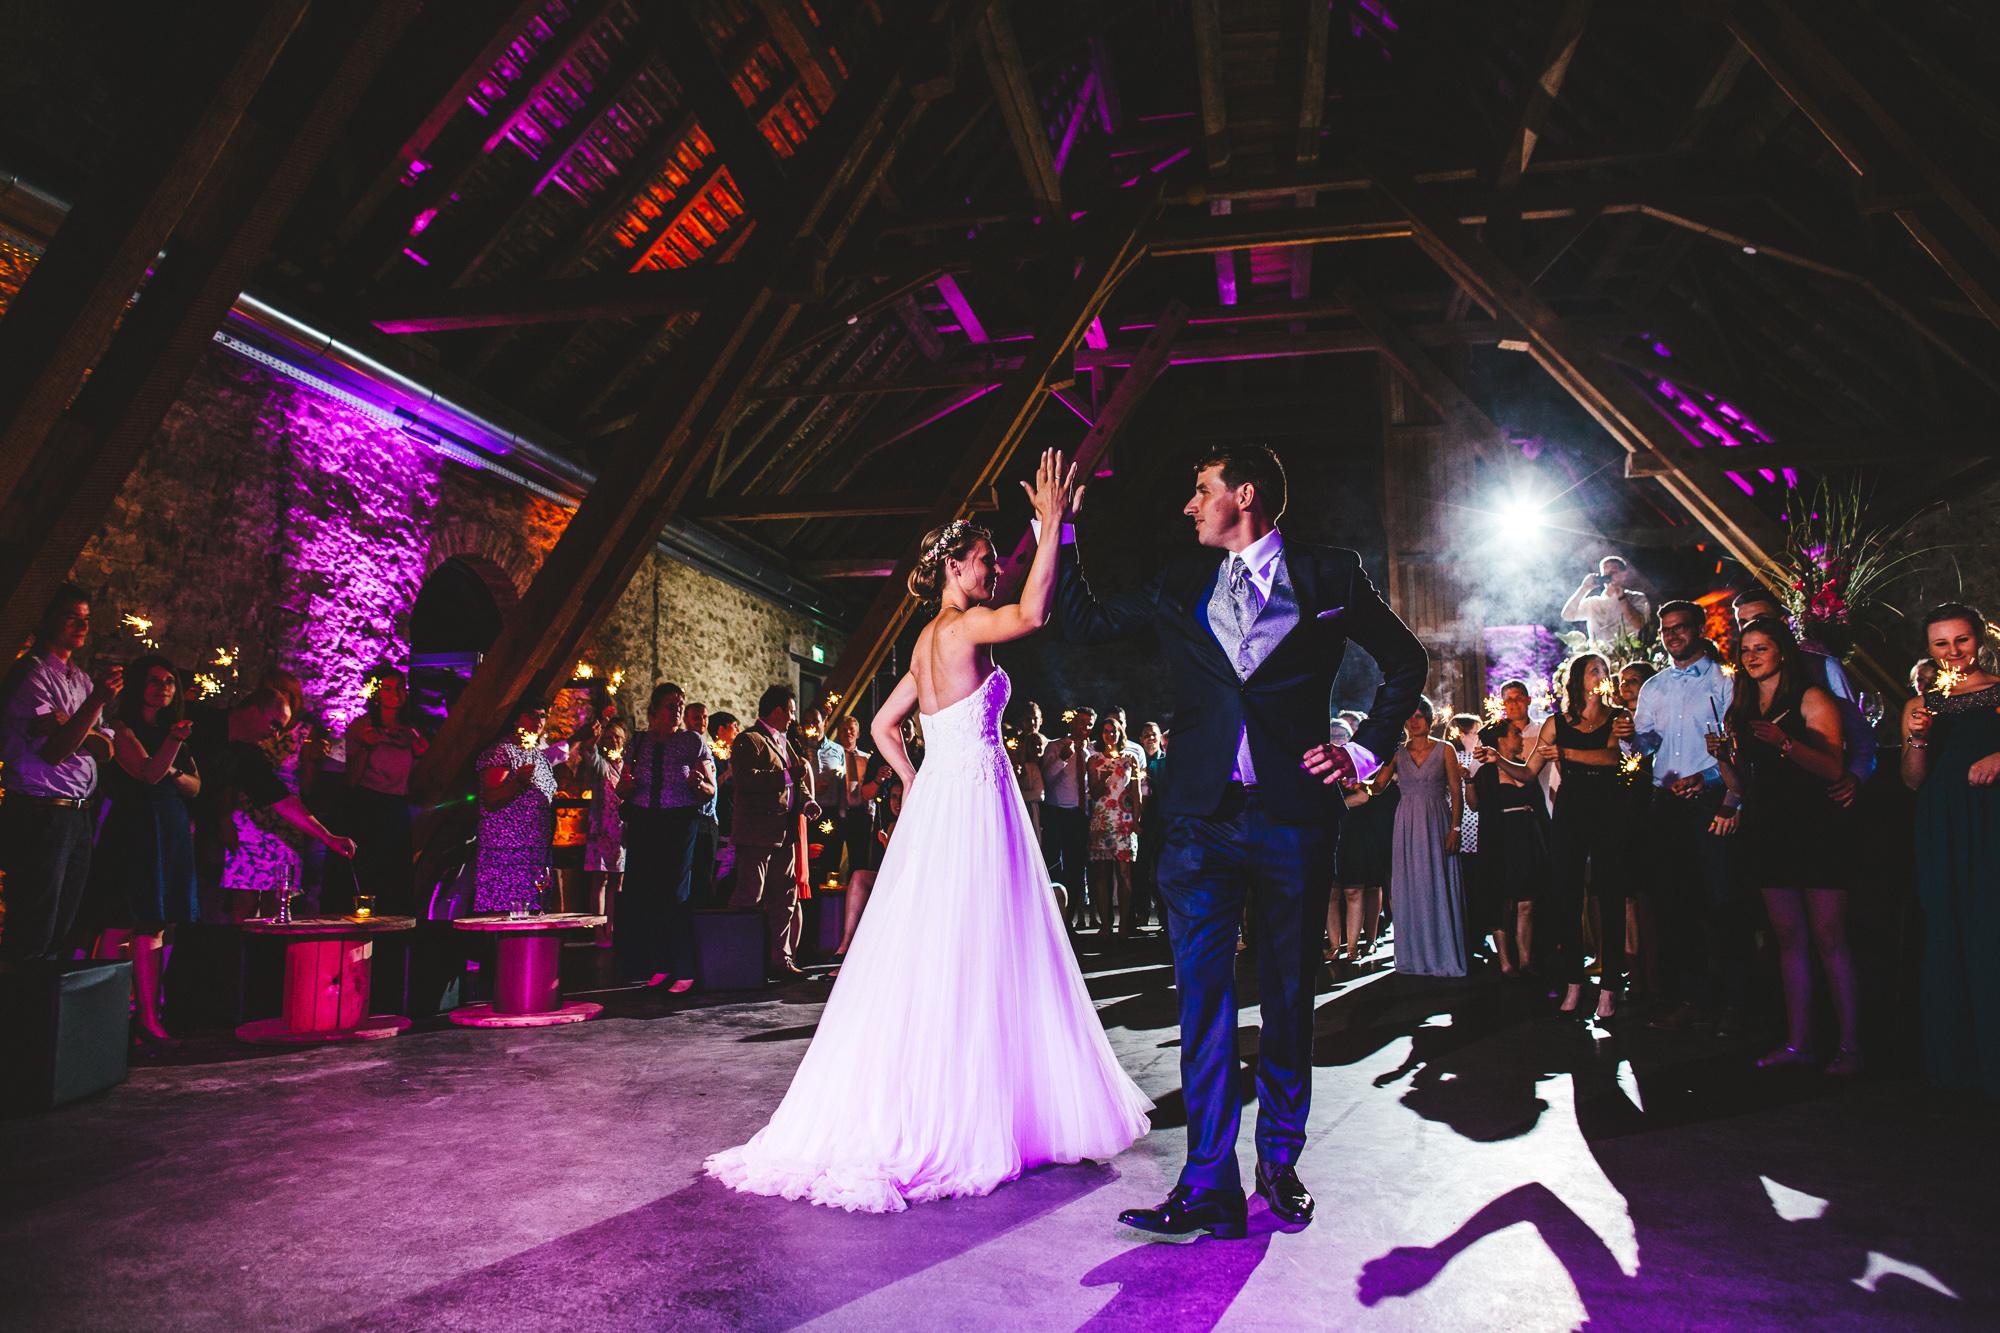 annethomas 462 - Hochzeit im wunderschönen Ladenburg in Eichenstolz